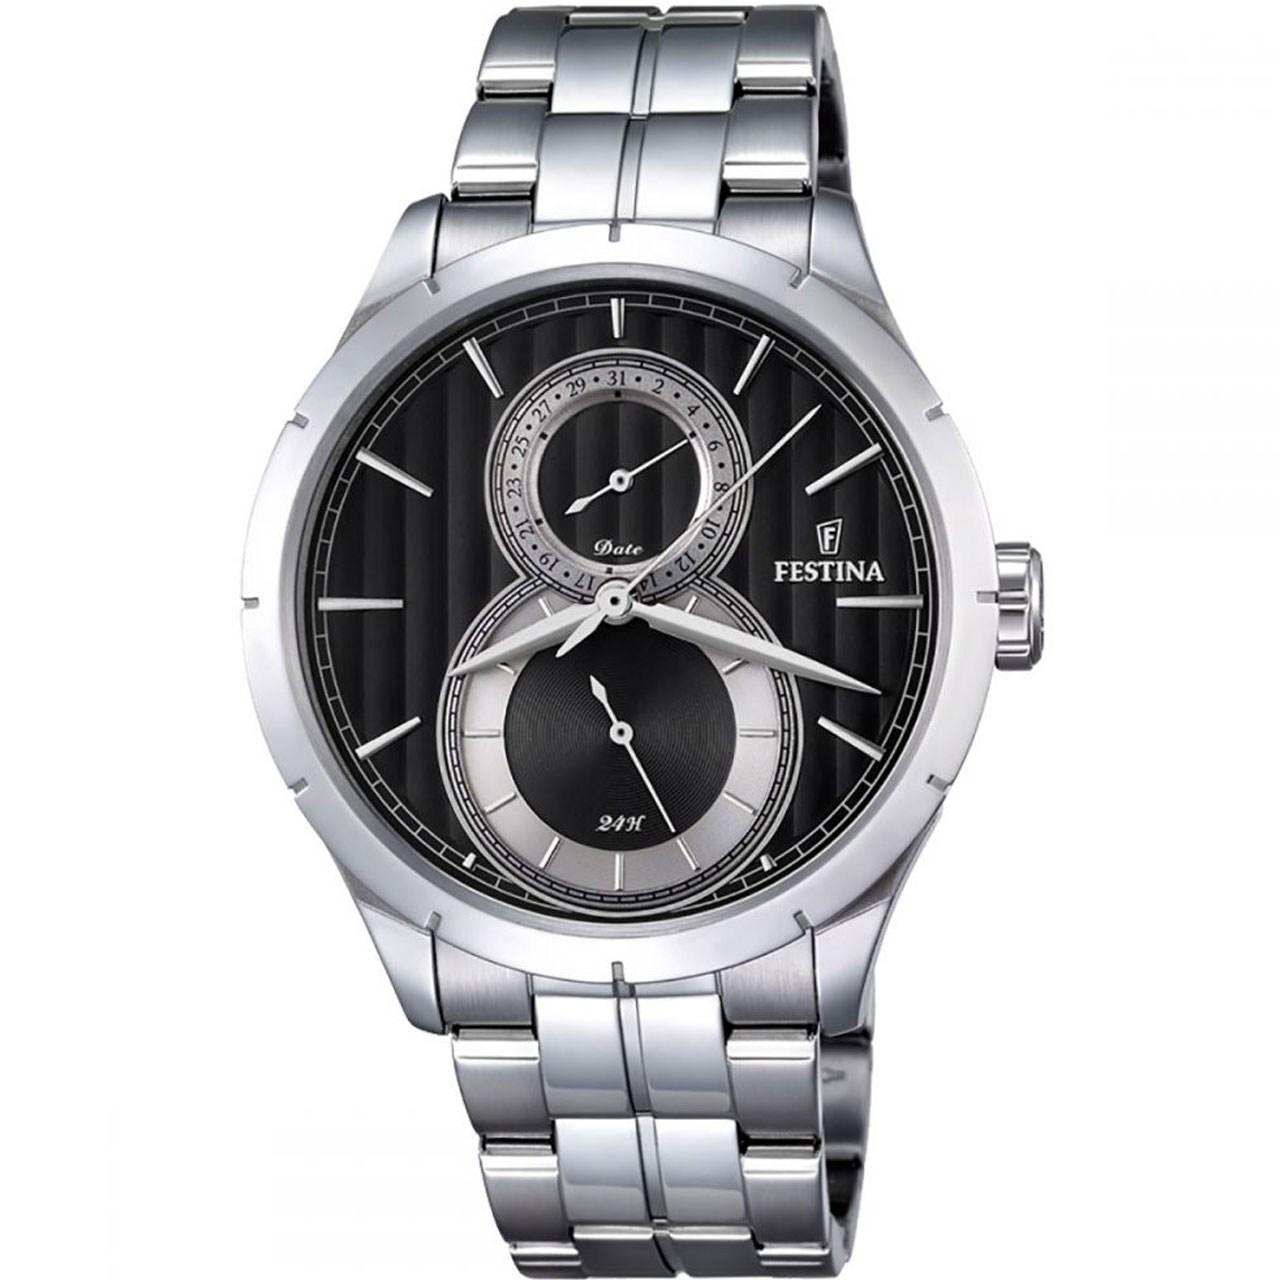 ساعت مچی عقربه ای مردانه فستینا مدل f16891/6 13